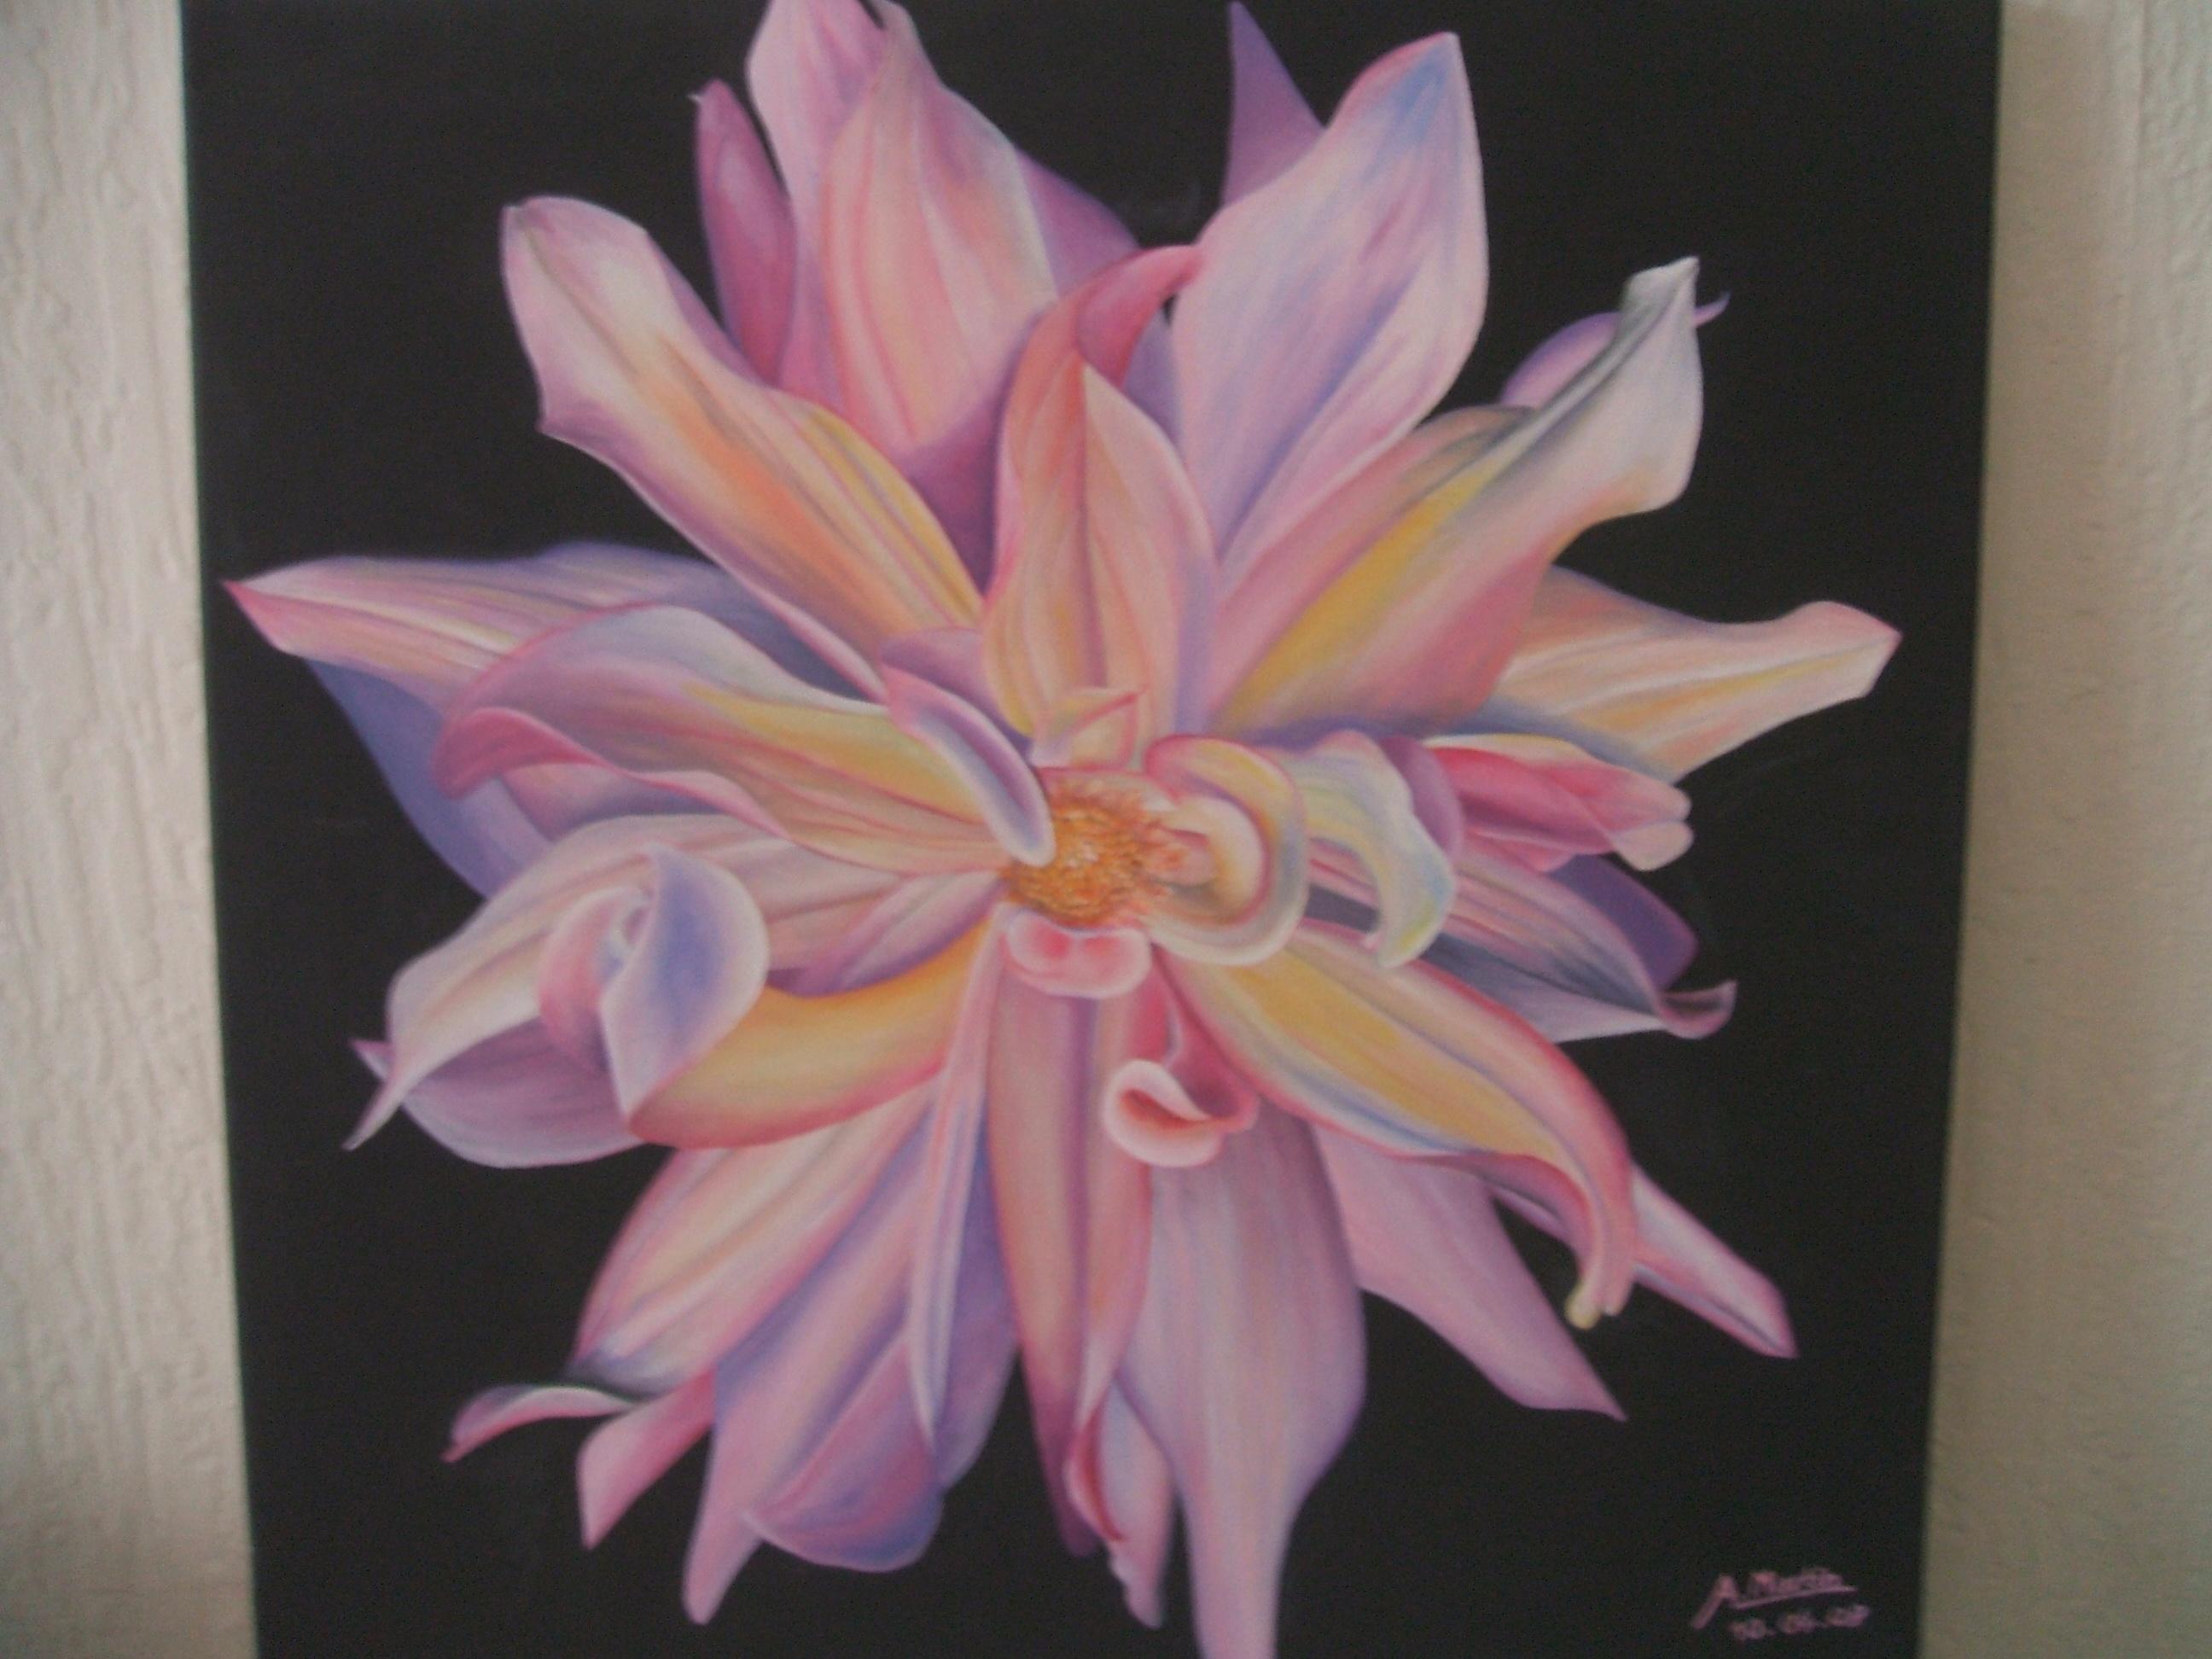 Fleur macroscopique